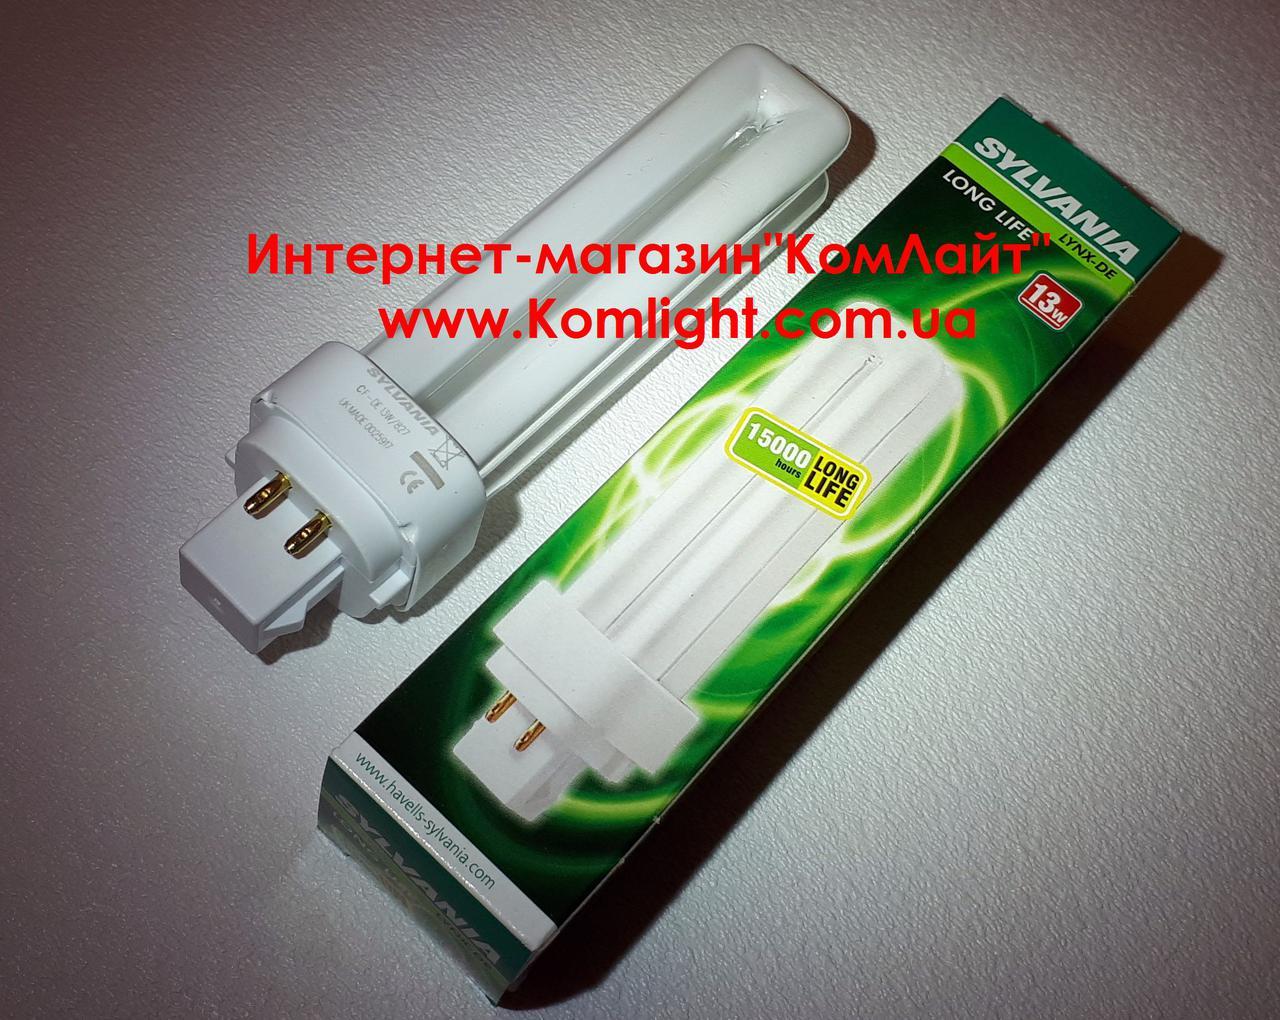 Лампа SYLVANIA LYNX CF-DE 13W/827 G24q-1 4p (Великобритания)